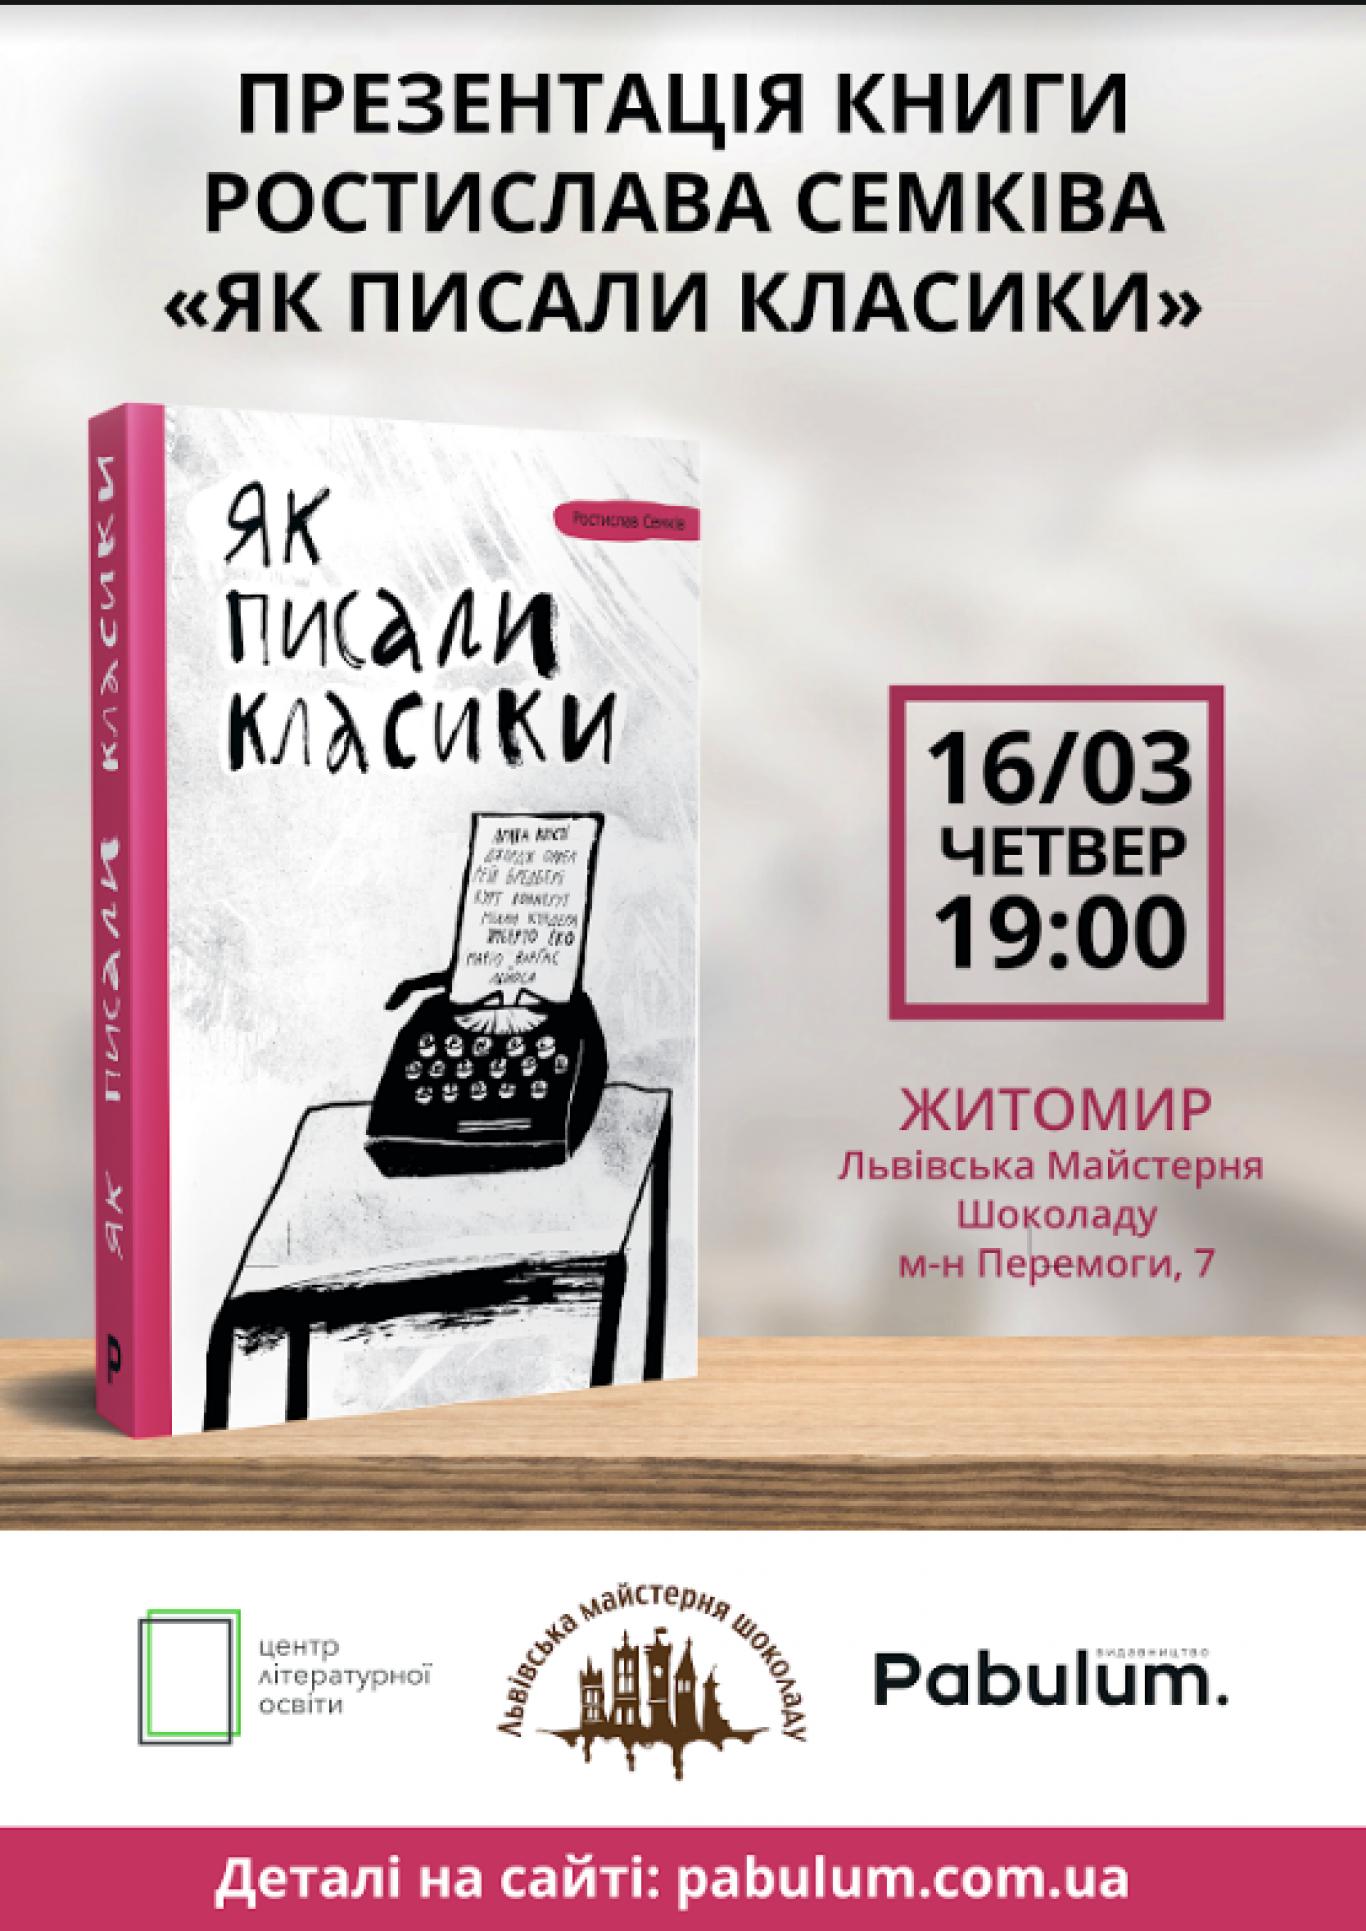 Презентація книжки Ростислава Семківа – «Як писали класики»